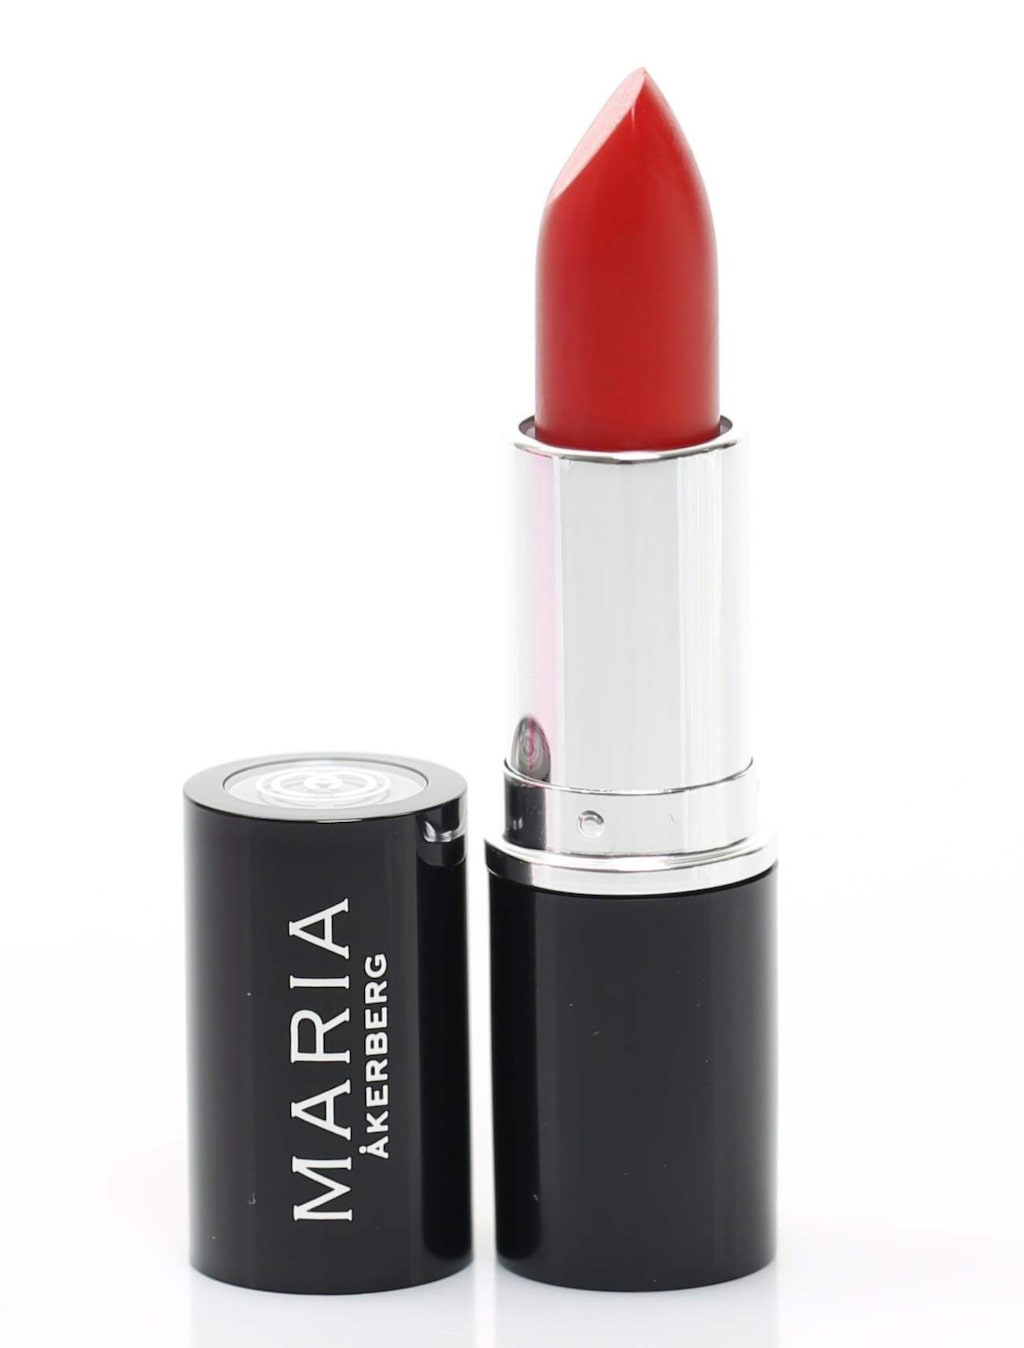 Och avsluta med en stark färg på läpparna så strålar ditt ansikte lite extra.<br>Läppstift från Maria Åkerberg, 185 kronor.